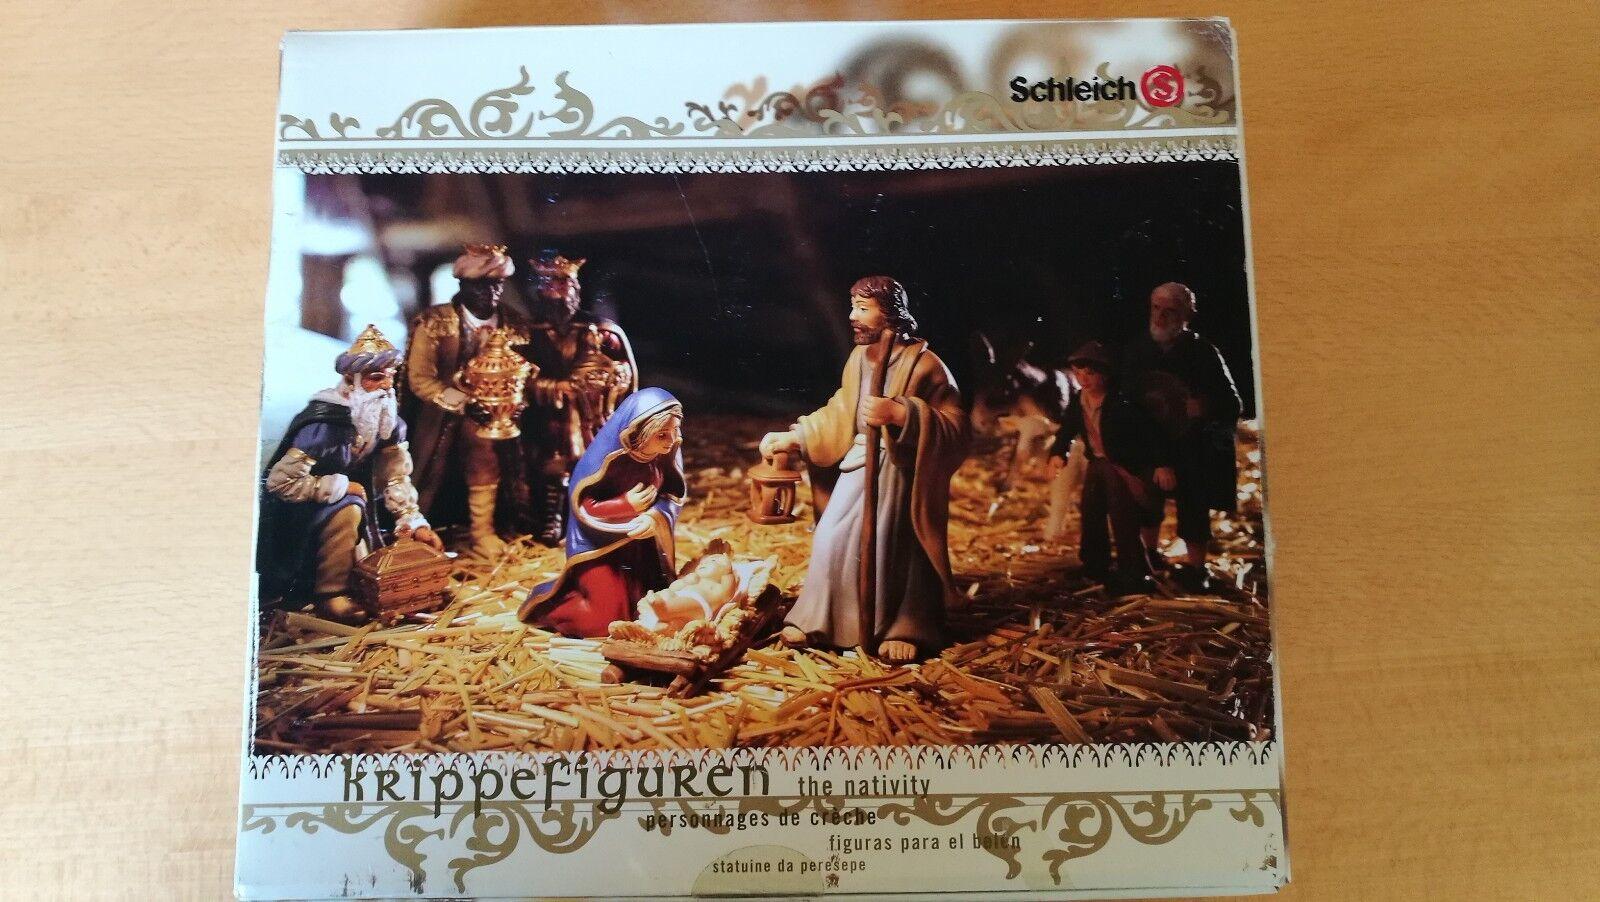 SCHLEICH 30600 Krippenfiguren Krippe Weihnachten 8-teilig OVP Figuren wie Neu